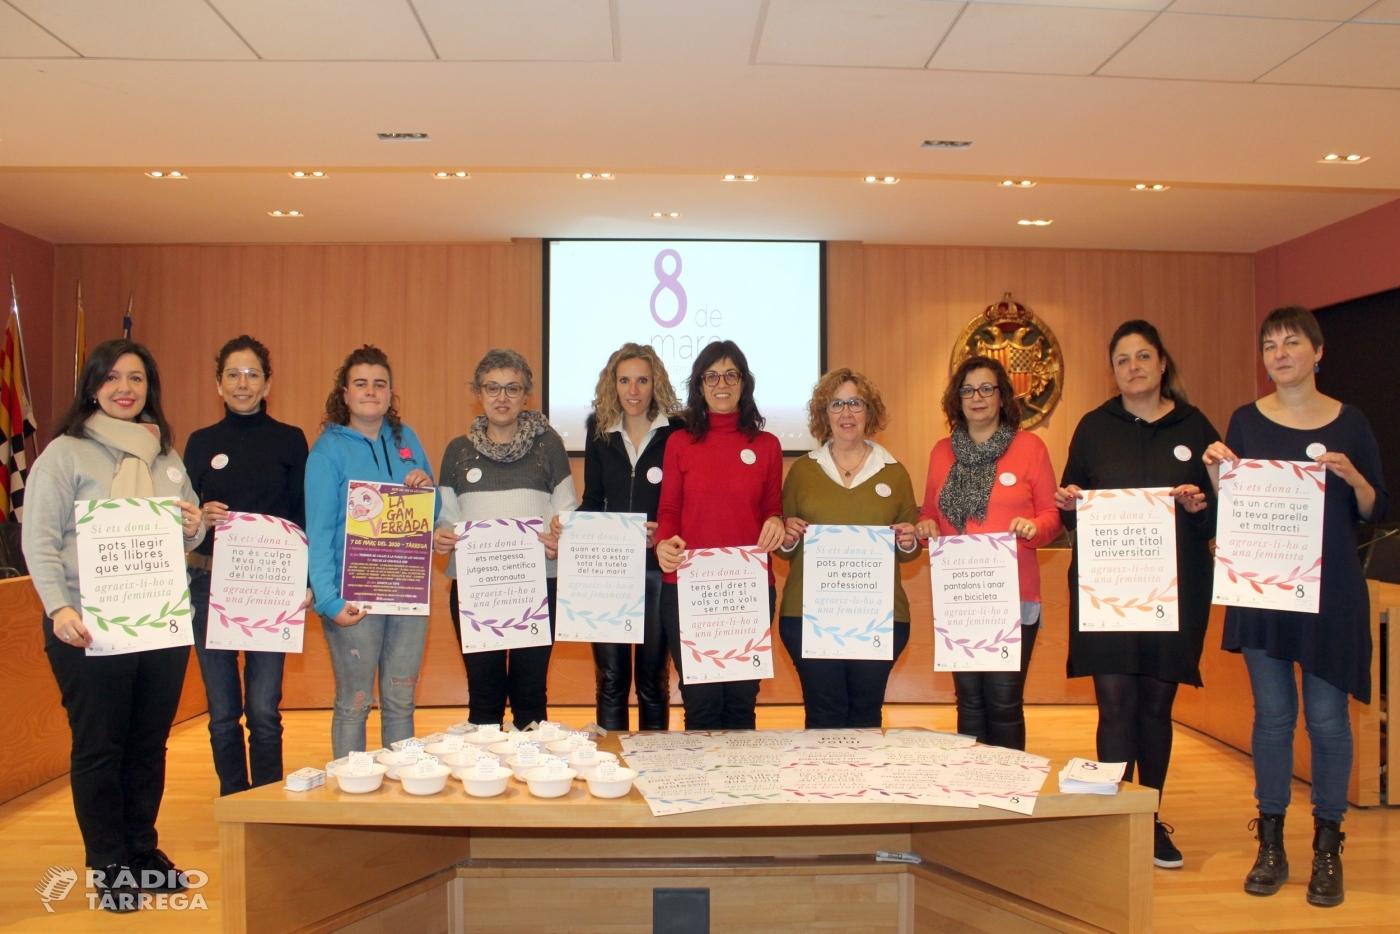 Tàrrega commemora el Dia Internacional de les Dones amb una campanya que divulga els drets assolits gràcies al moviment feminista